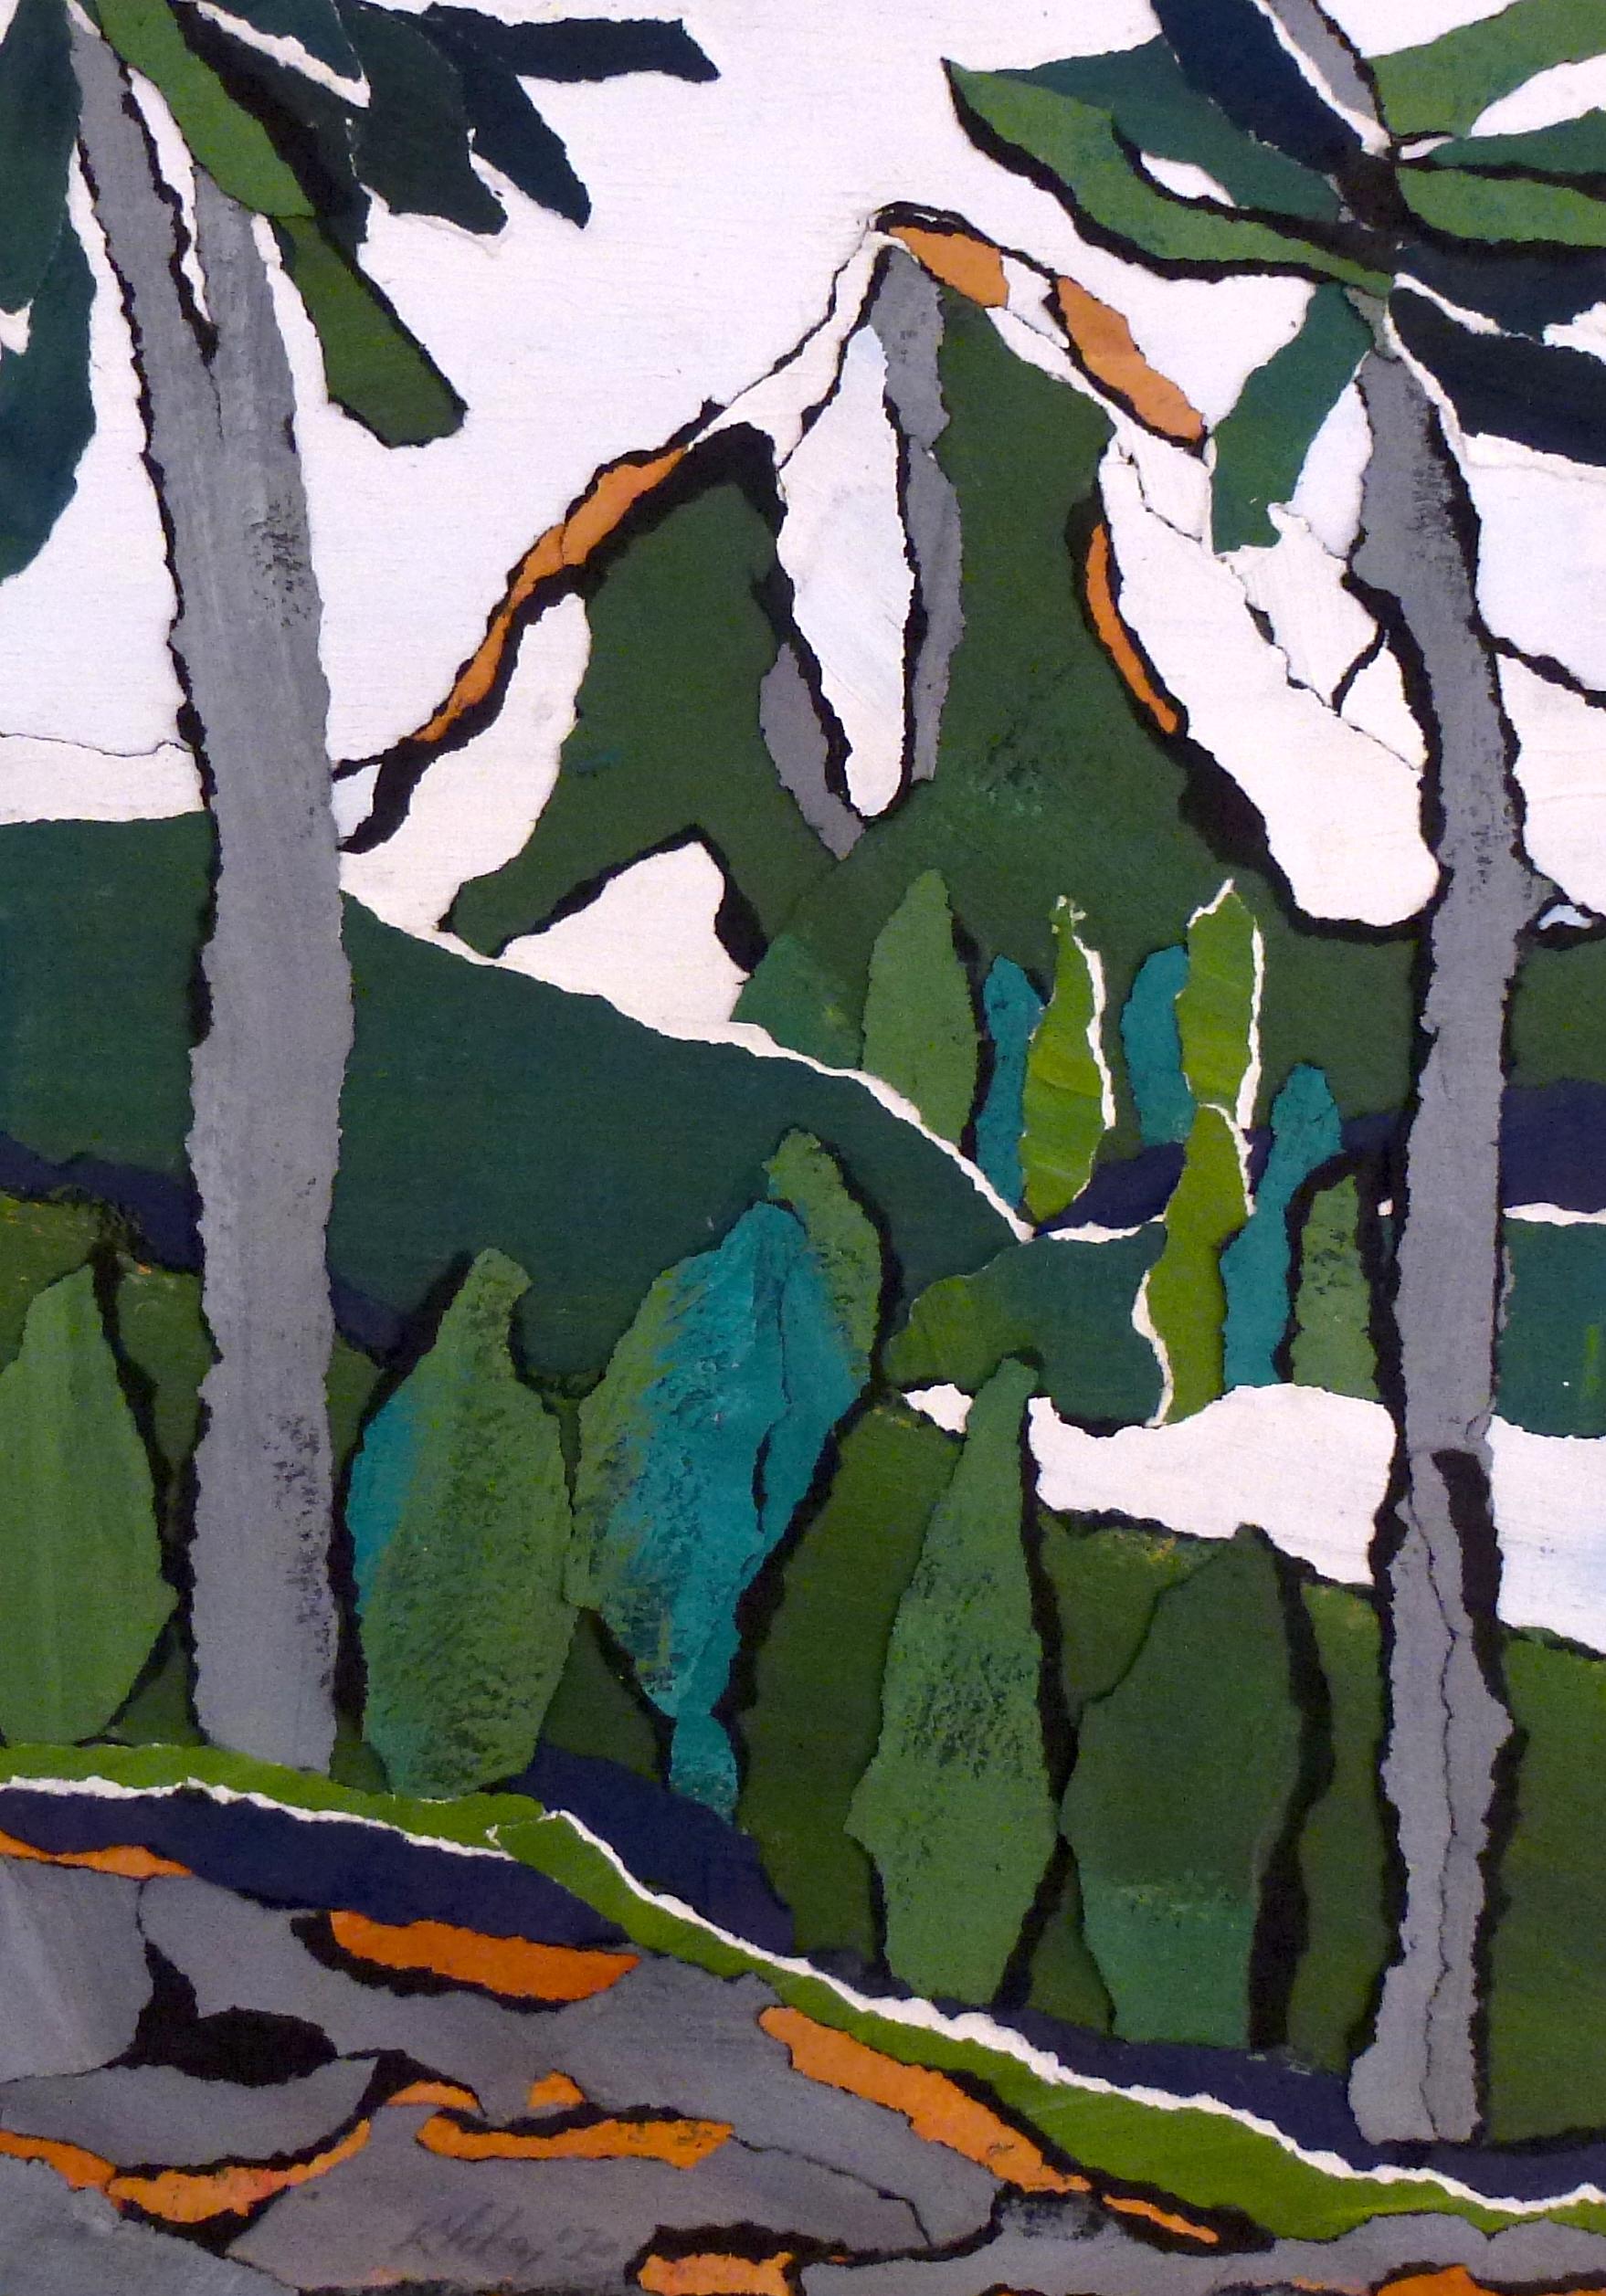 (74) Kathy Fahey - Winter Landscape Image